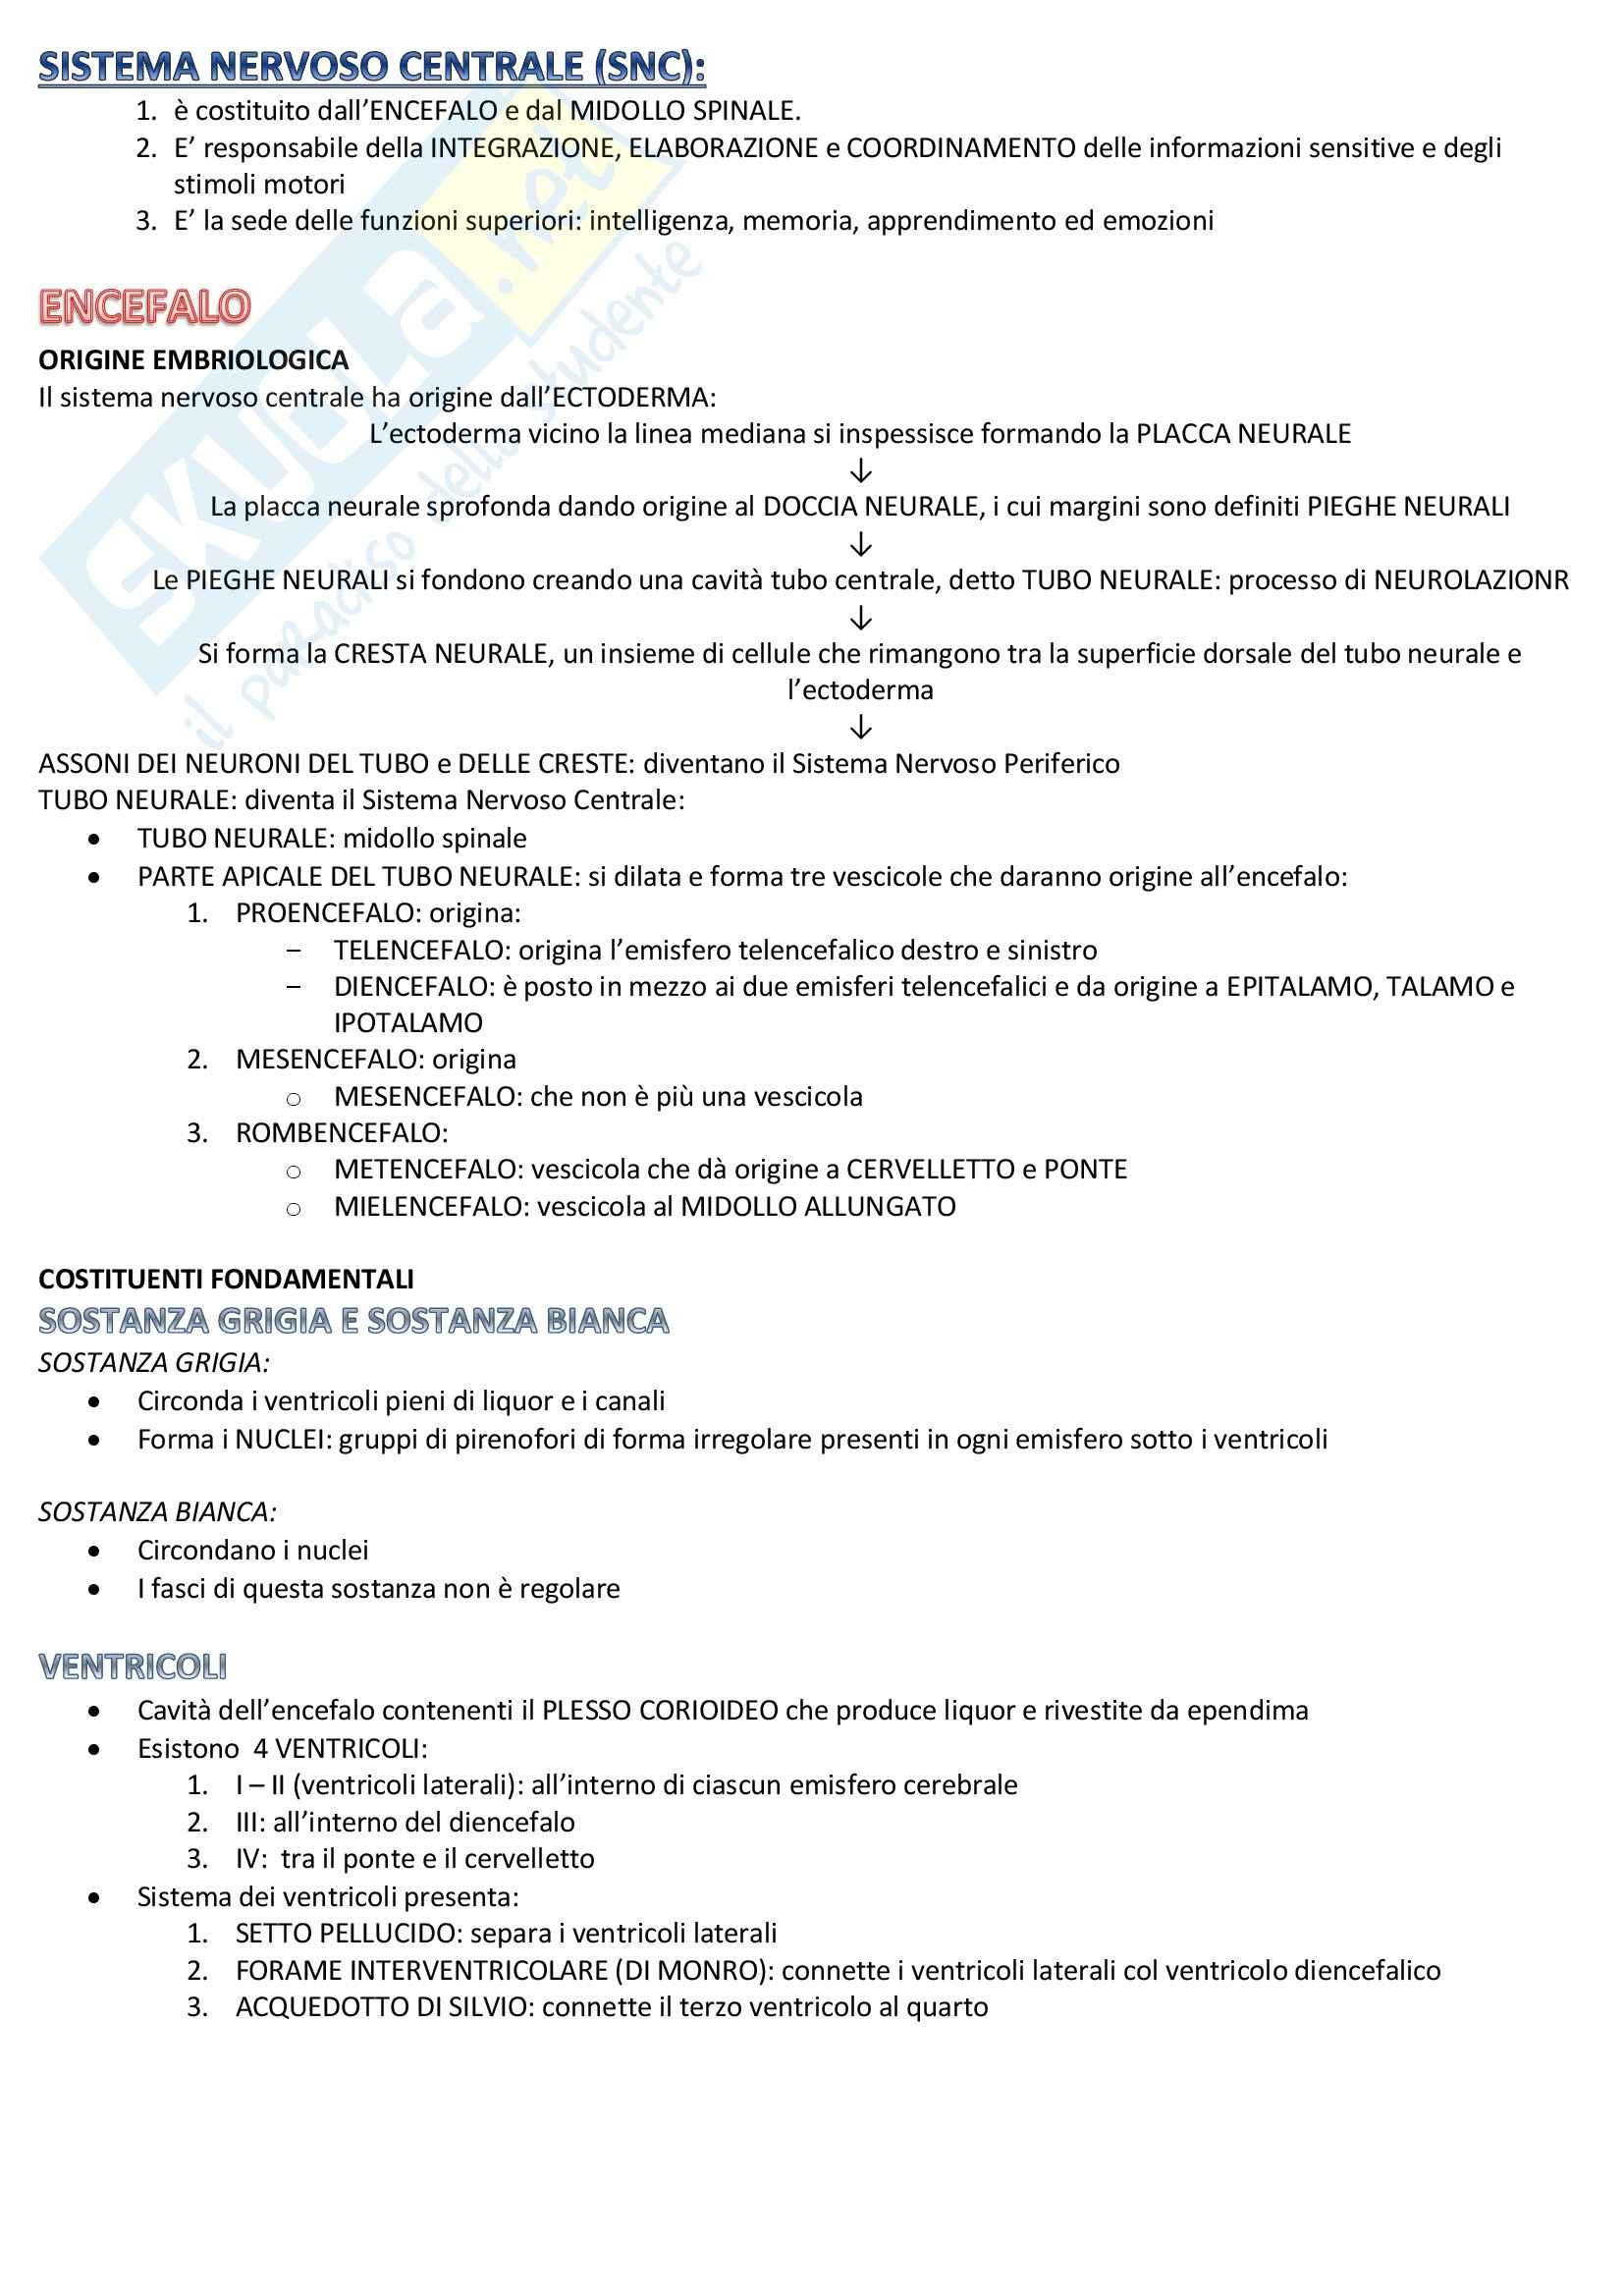 Scienze biomediche 1 - sistema nervoso centrale